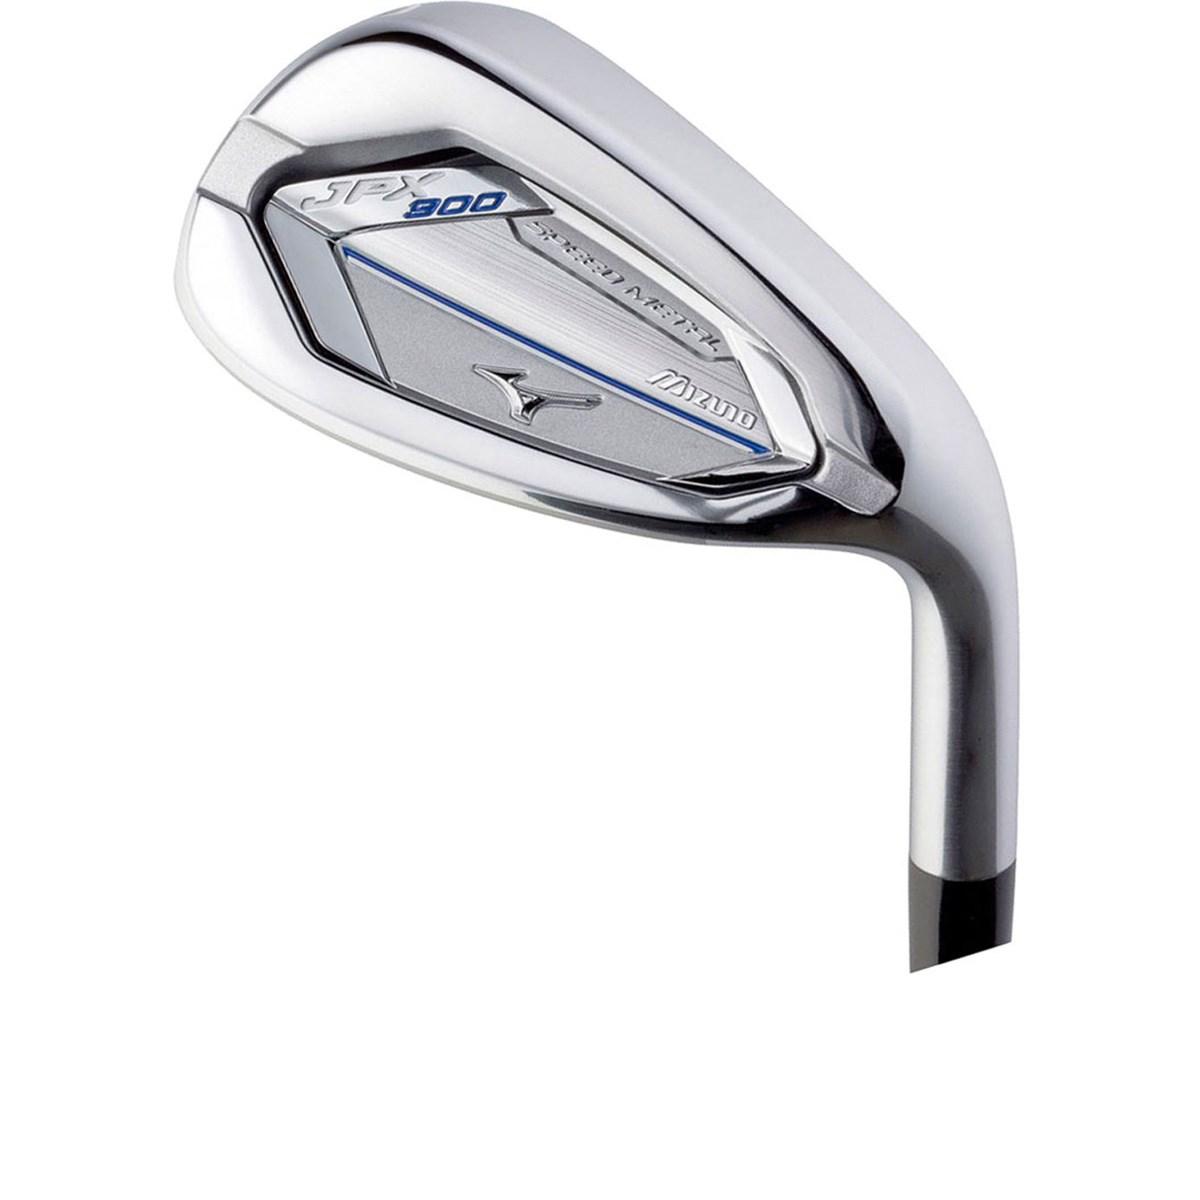 ミズノ JPX900 スピードメタルアイアン(5本セット) MZ-1190 スチール ゴルフ